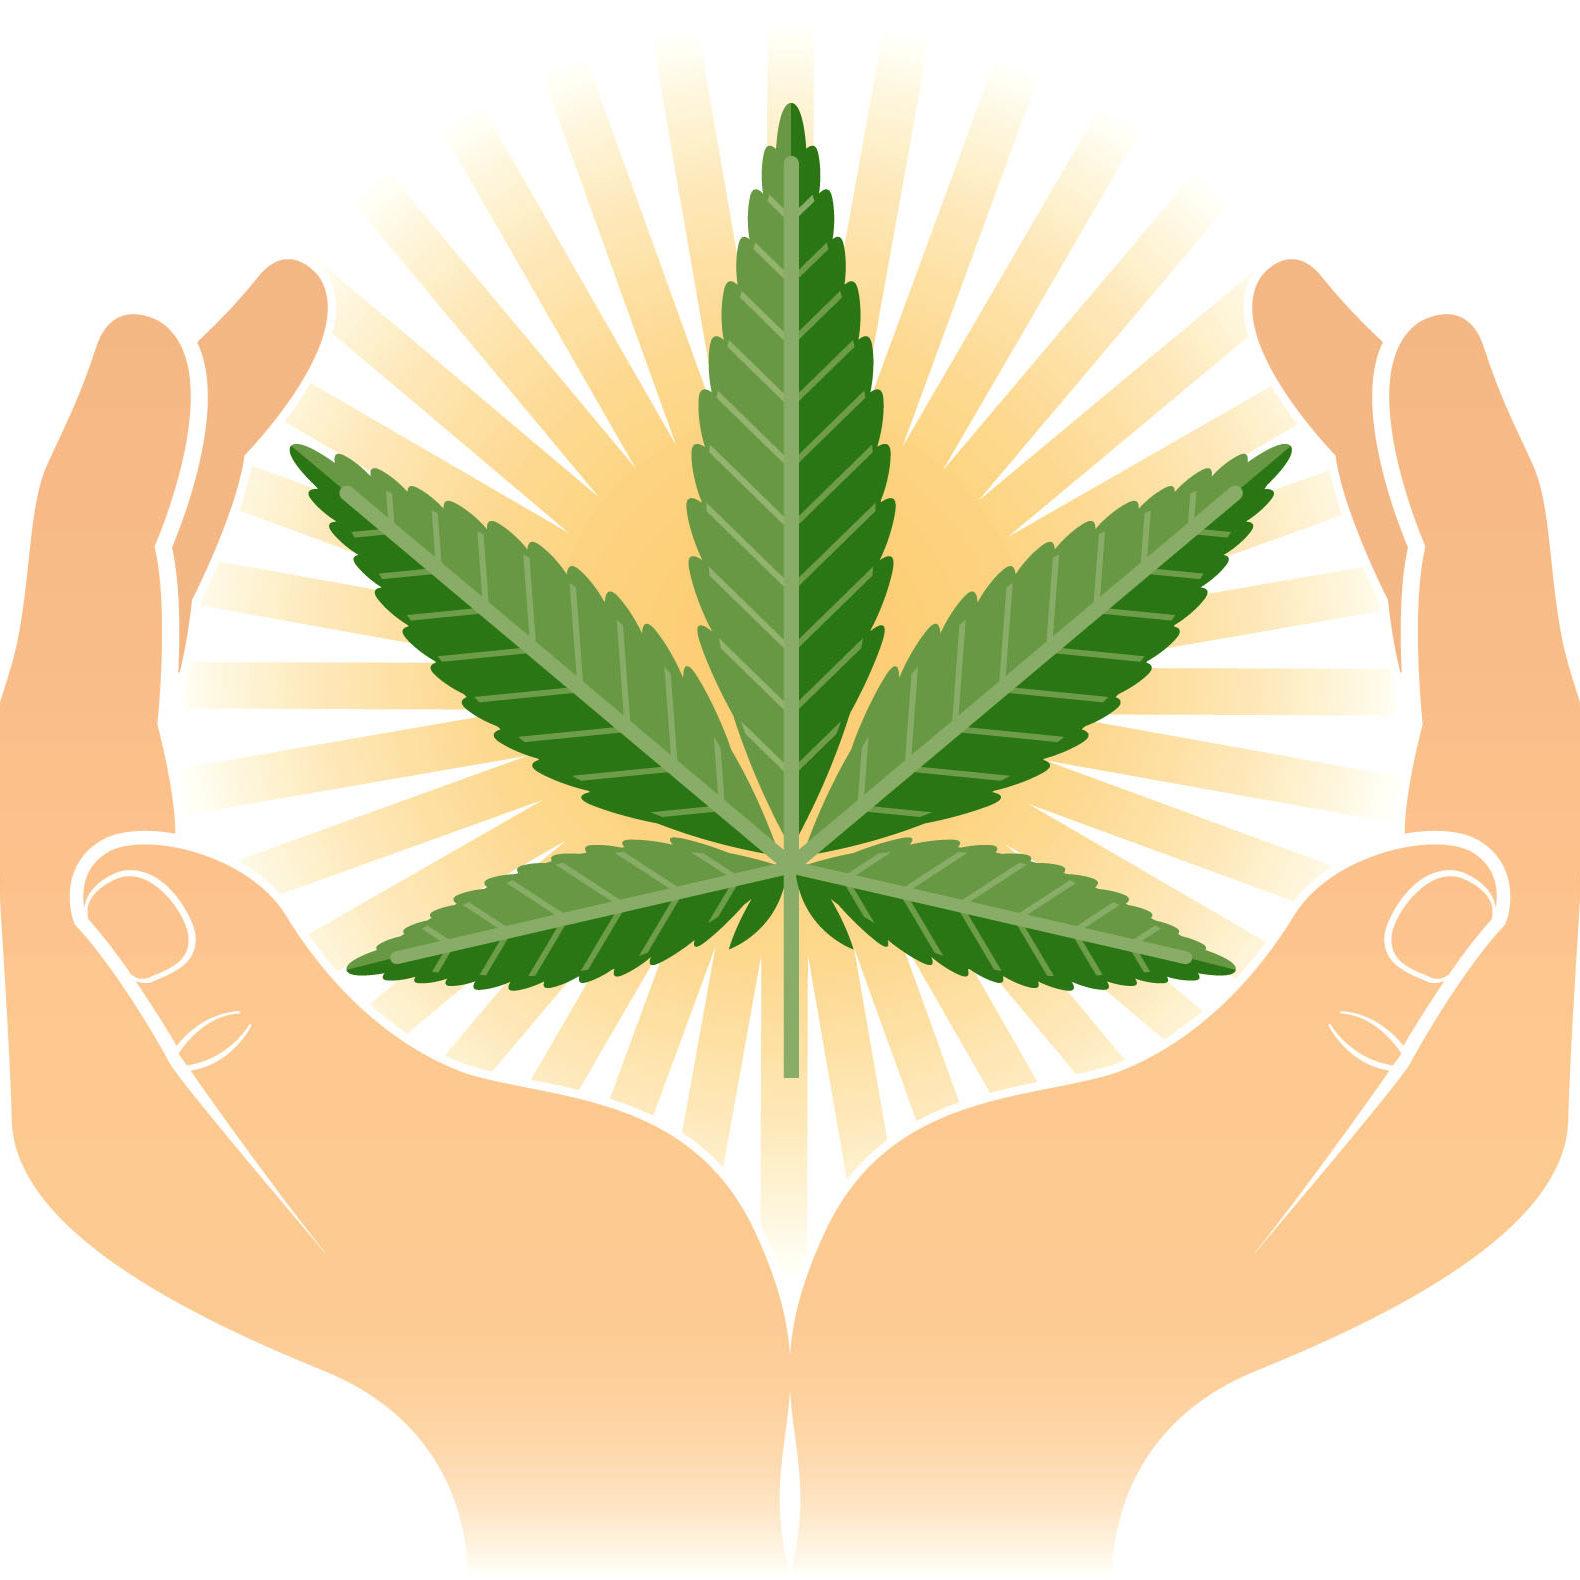 medicinale-cannabis-tegen-bijwerkingen-chemotherapie